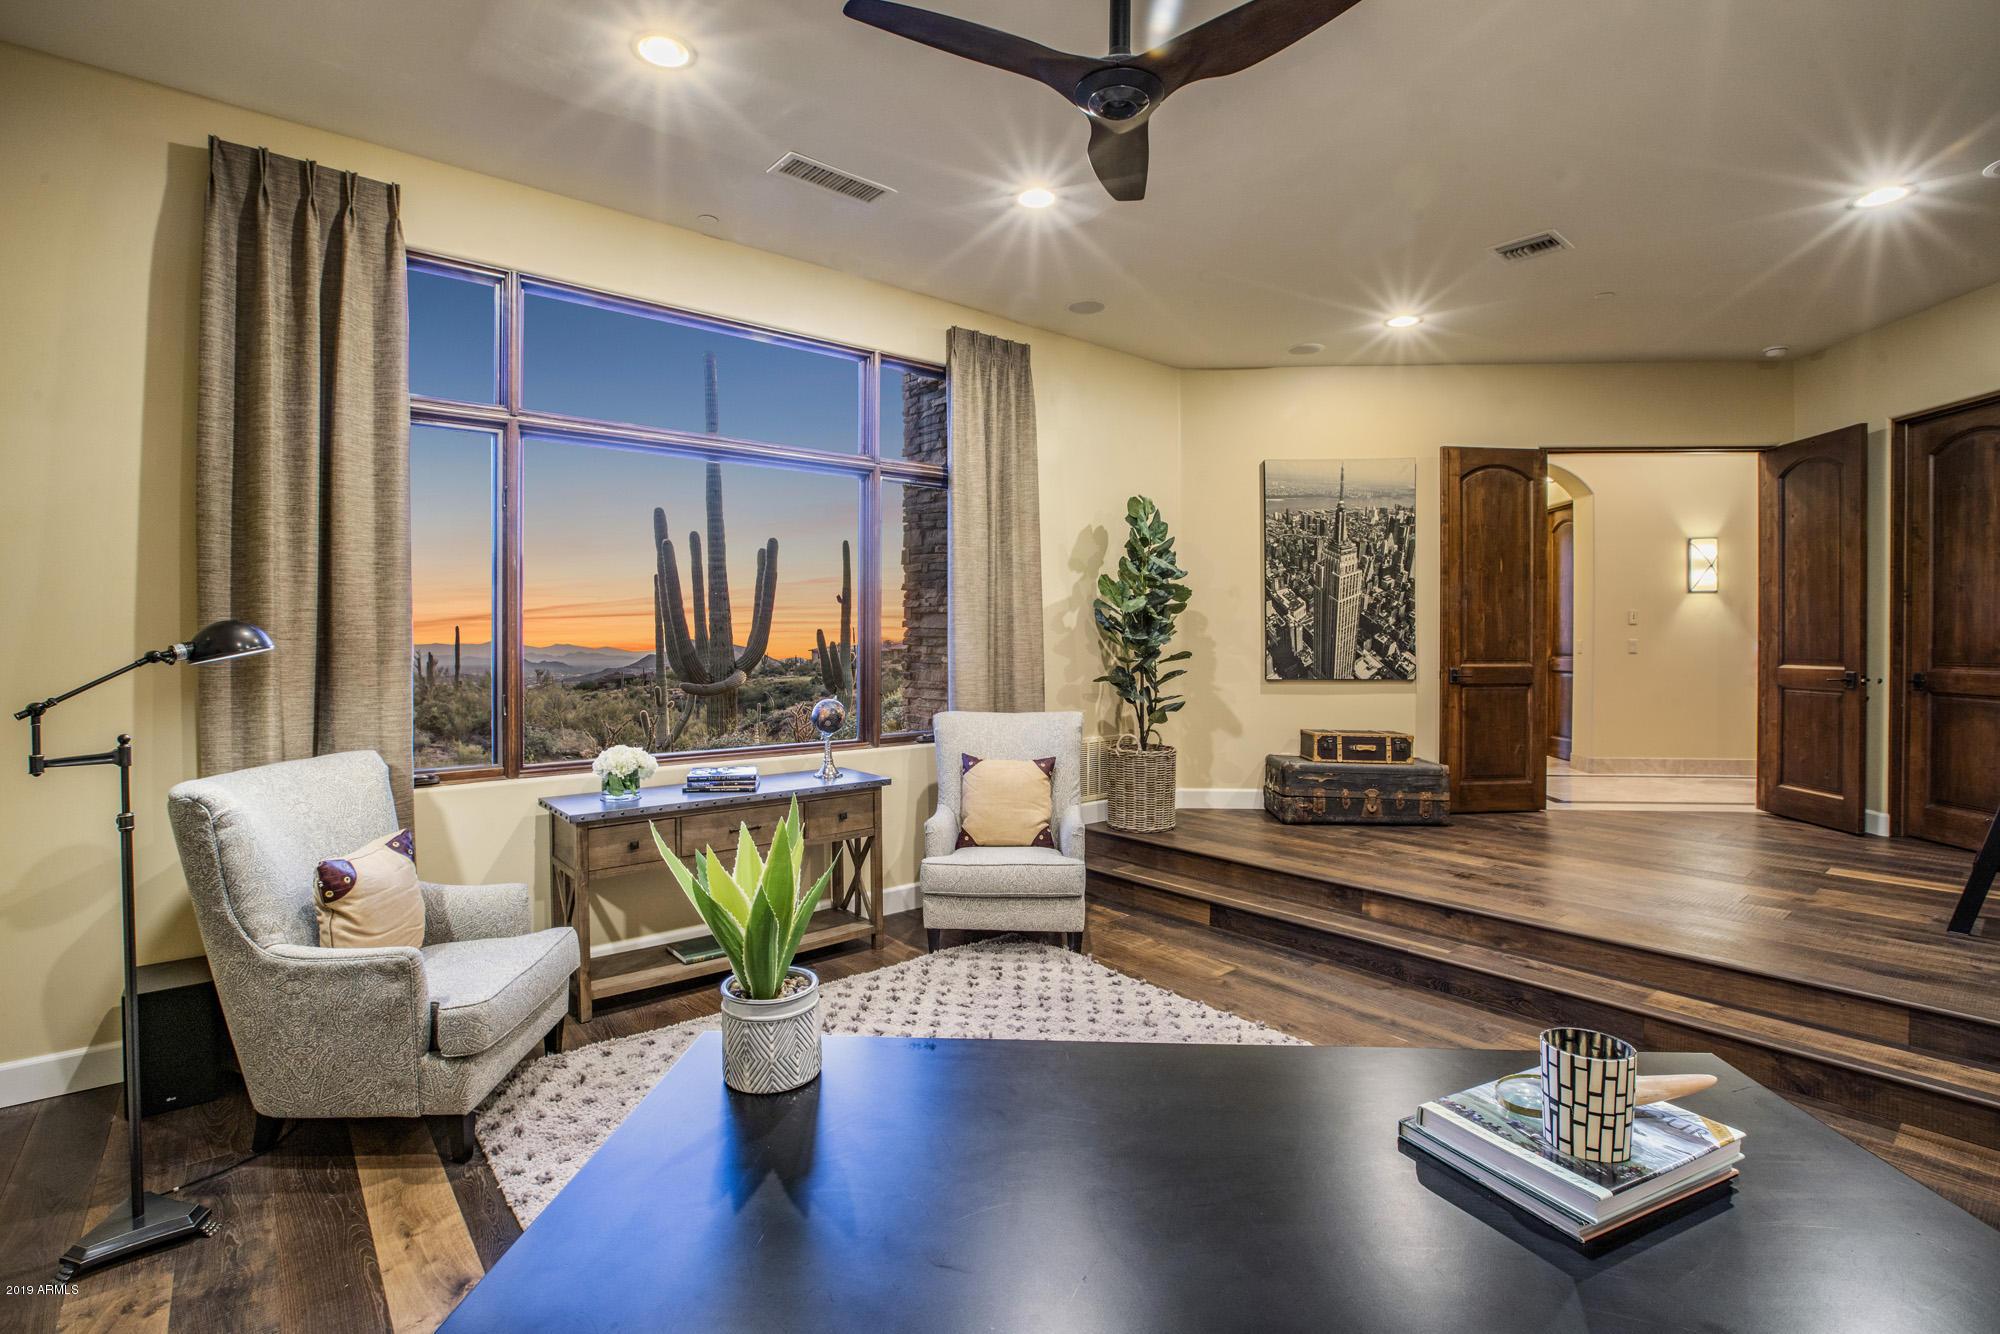 10798 E Distant Hills Dr Scottsdale, AZ